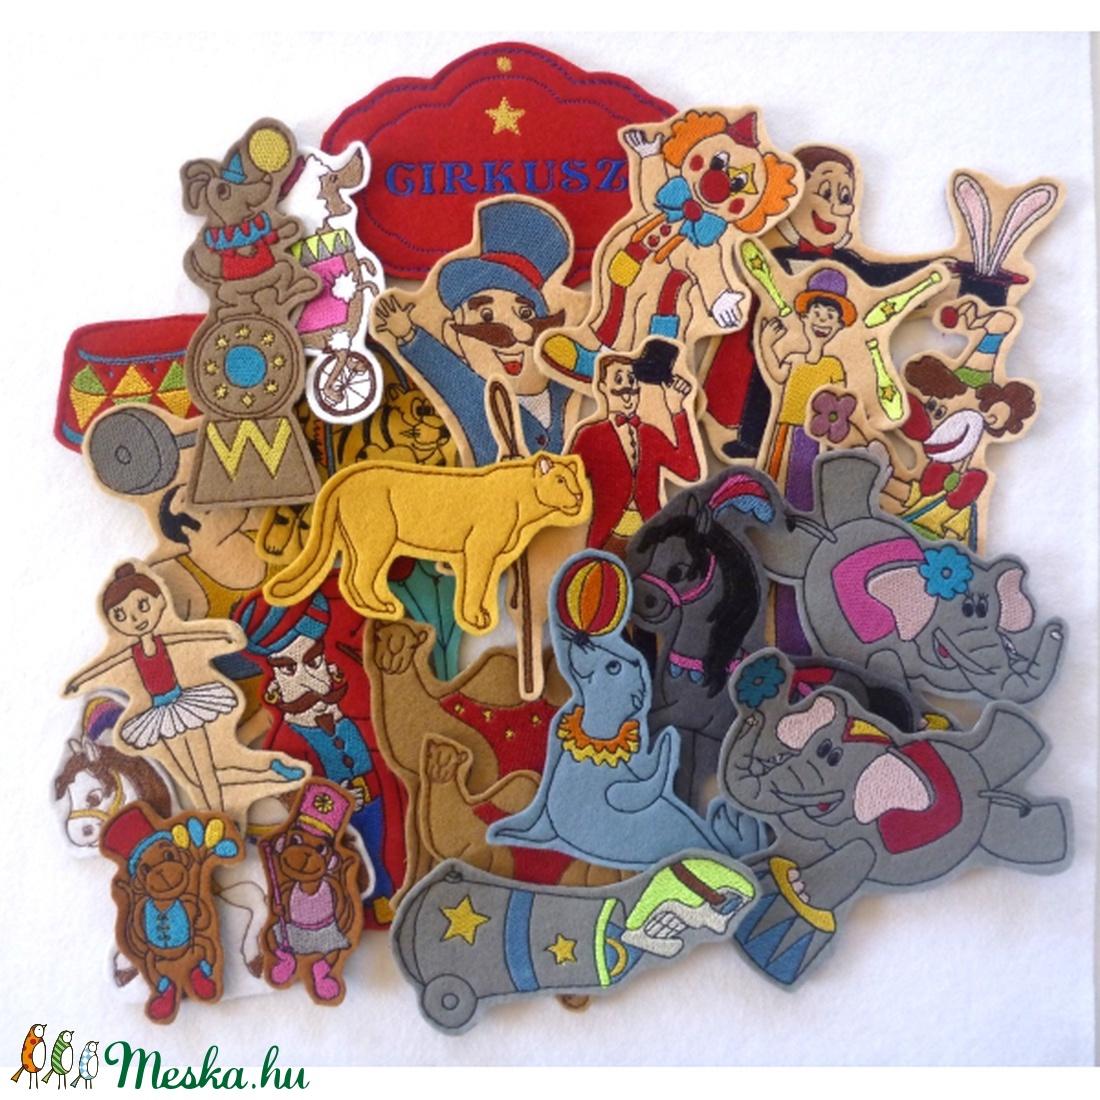 Cirkusz kollekció - 30 darab figura (Vavilokids) - Meska.hu